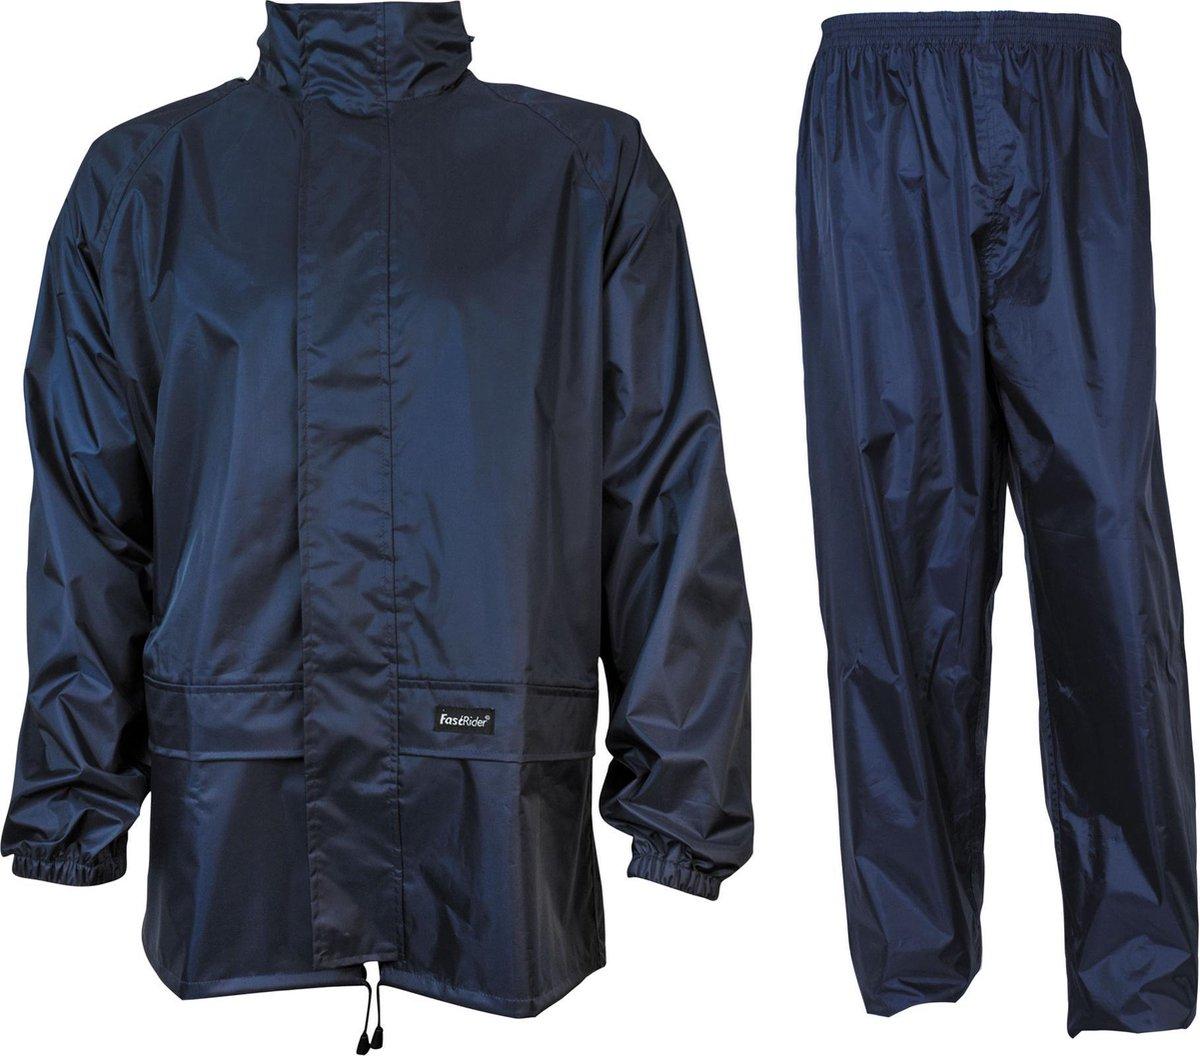 Fastrider Regenpak Senior Regenpak - Maat M  - Mannen - blauw - FastRider